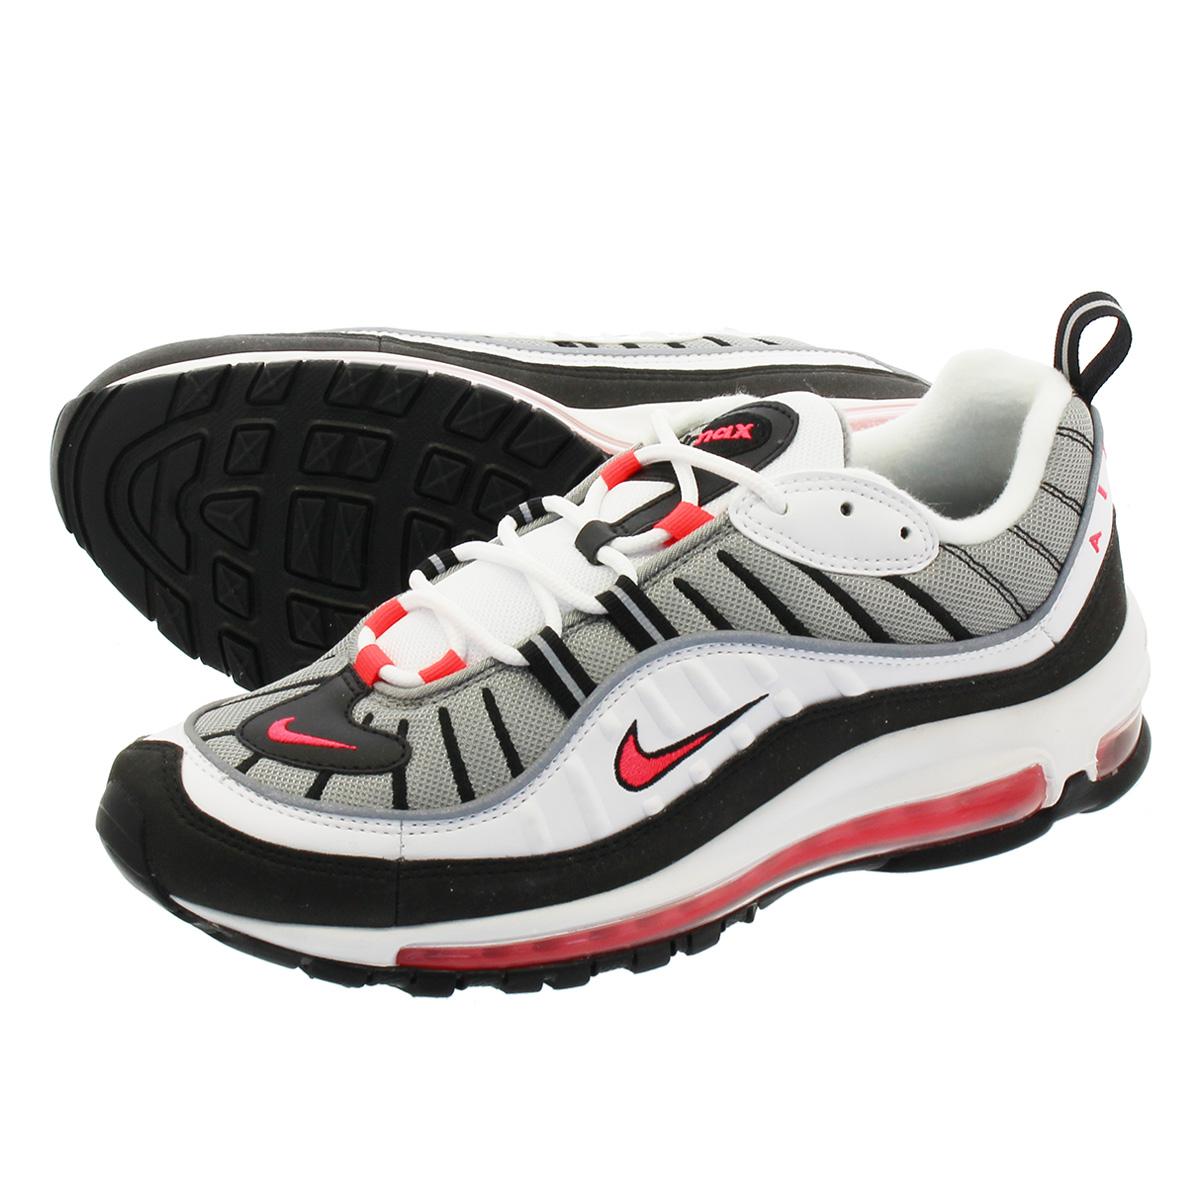 e4a9b2eab4 NIKE WMNS AIR MAX 98 Nike women Air Max 98 WHITE/SOLAR RED/DUST/REFLECT  SILVER ah6799-104